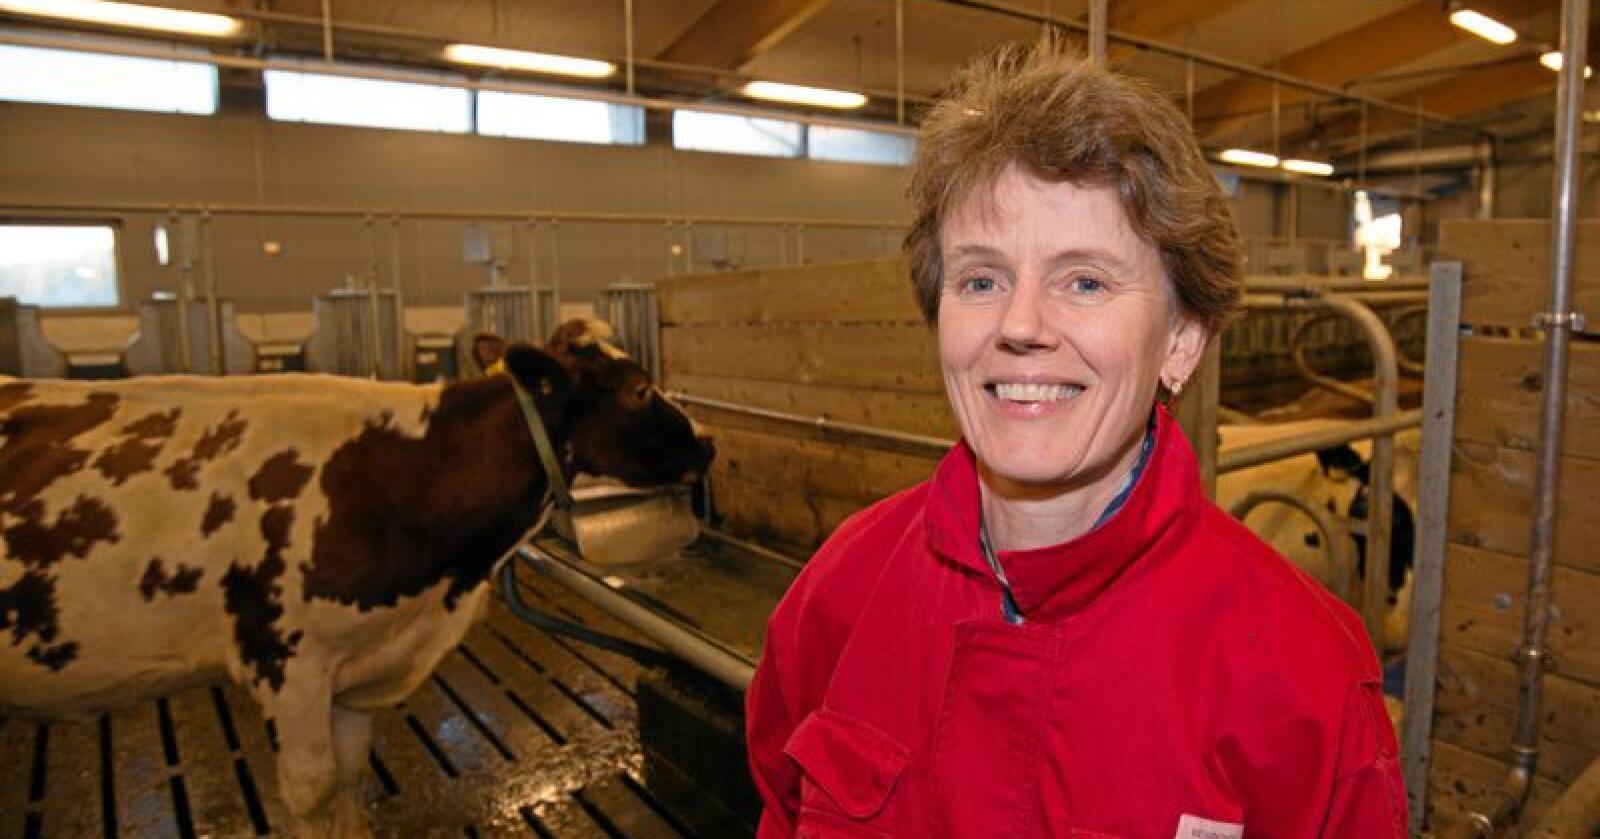 Konsekvensar: Laila Aass, husdyrforskar ved NMBU, seier færre drøvtyggarar vil gi mindre bruk av areala og redusert sjølvforsyning med mat. Foto: Vidar Sandnes